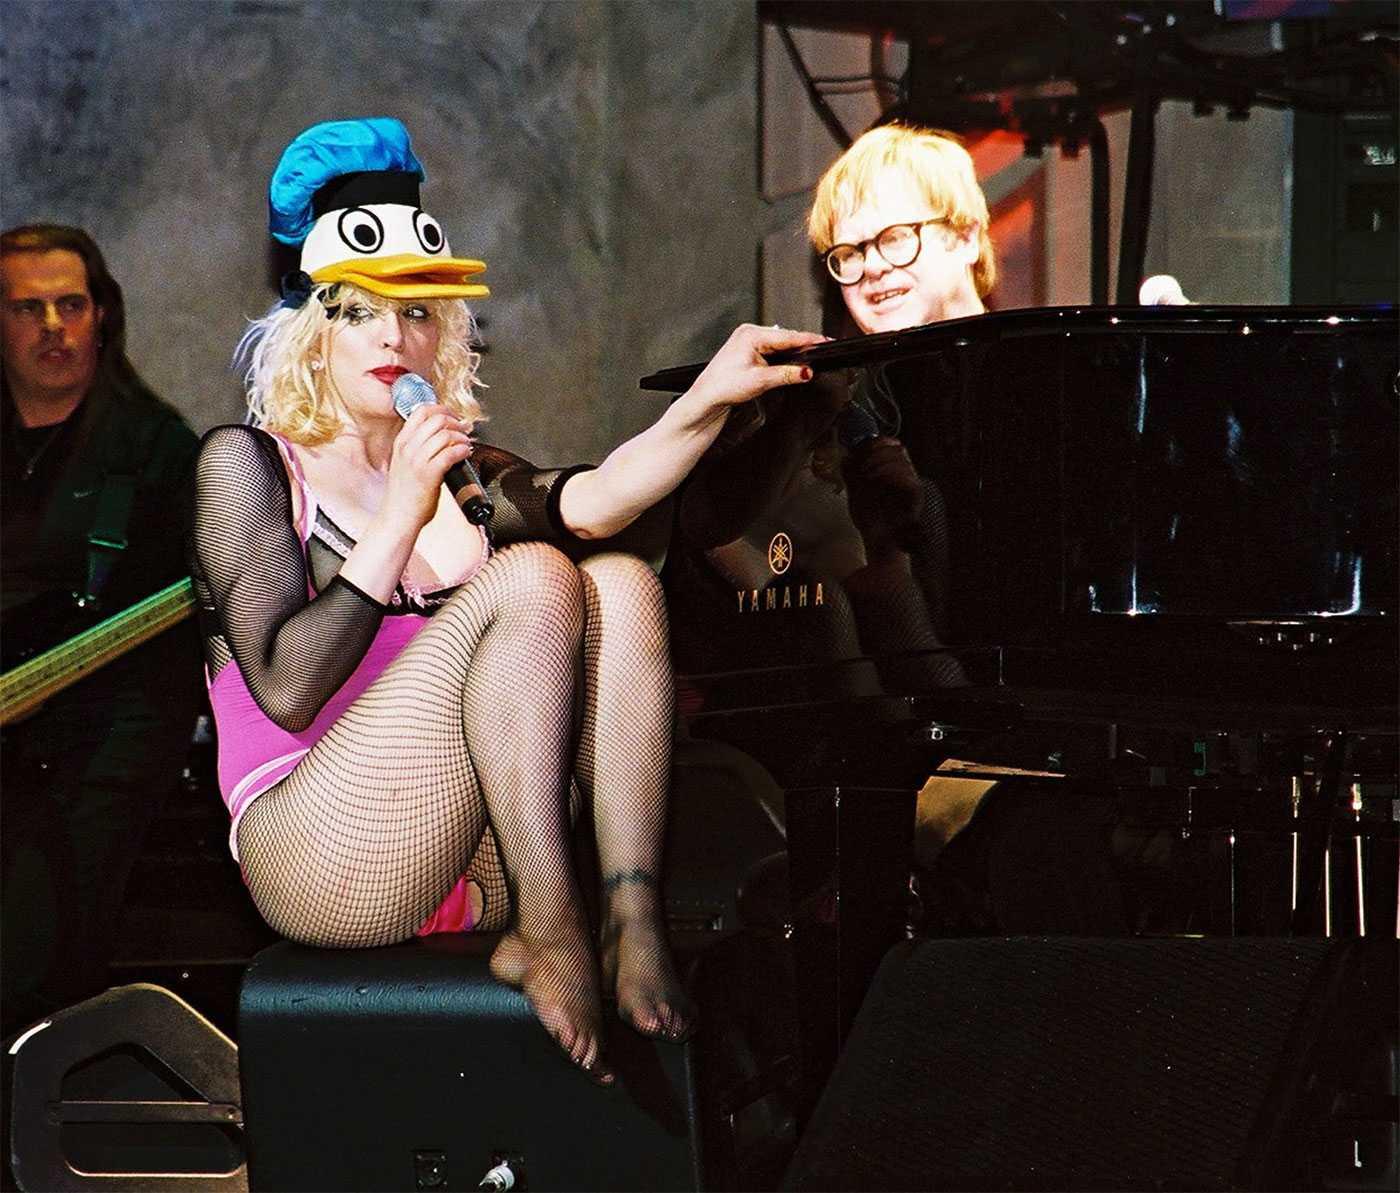 Courtney Love, här på scen tillsammans med Elton John, måste lära sig att hålla näbben. Hennes prat om Hole-återförening kan äventyra hela kalaset.